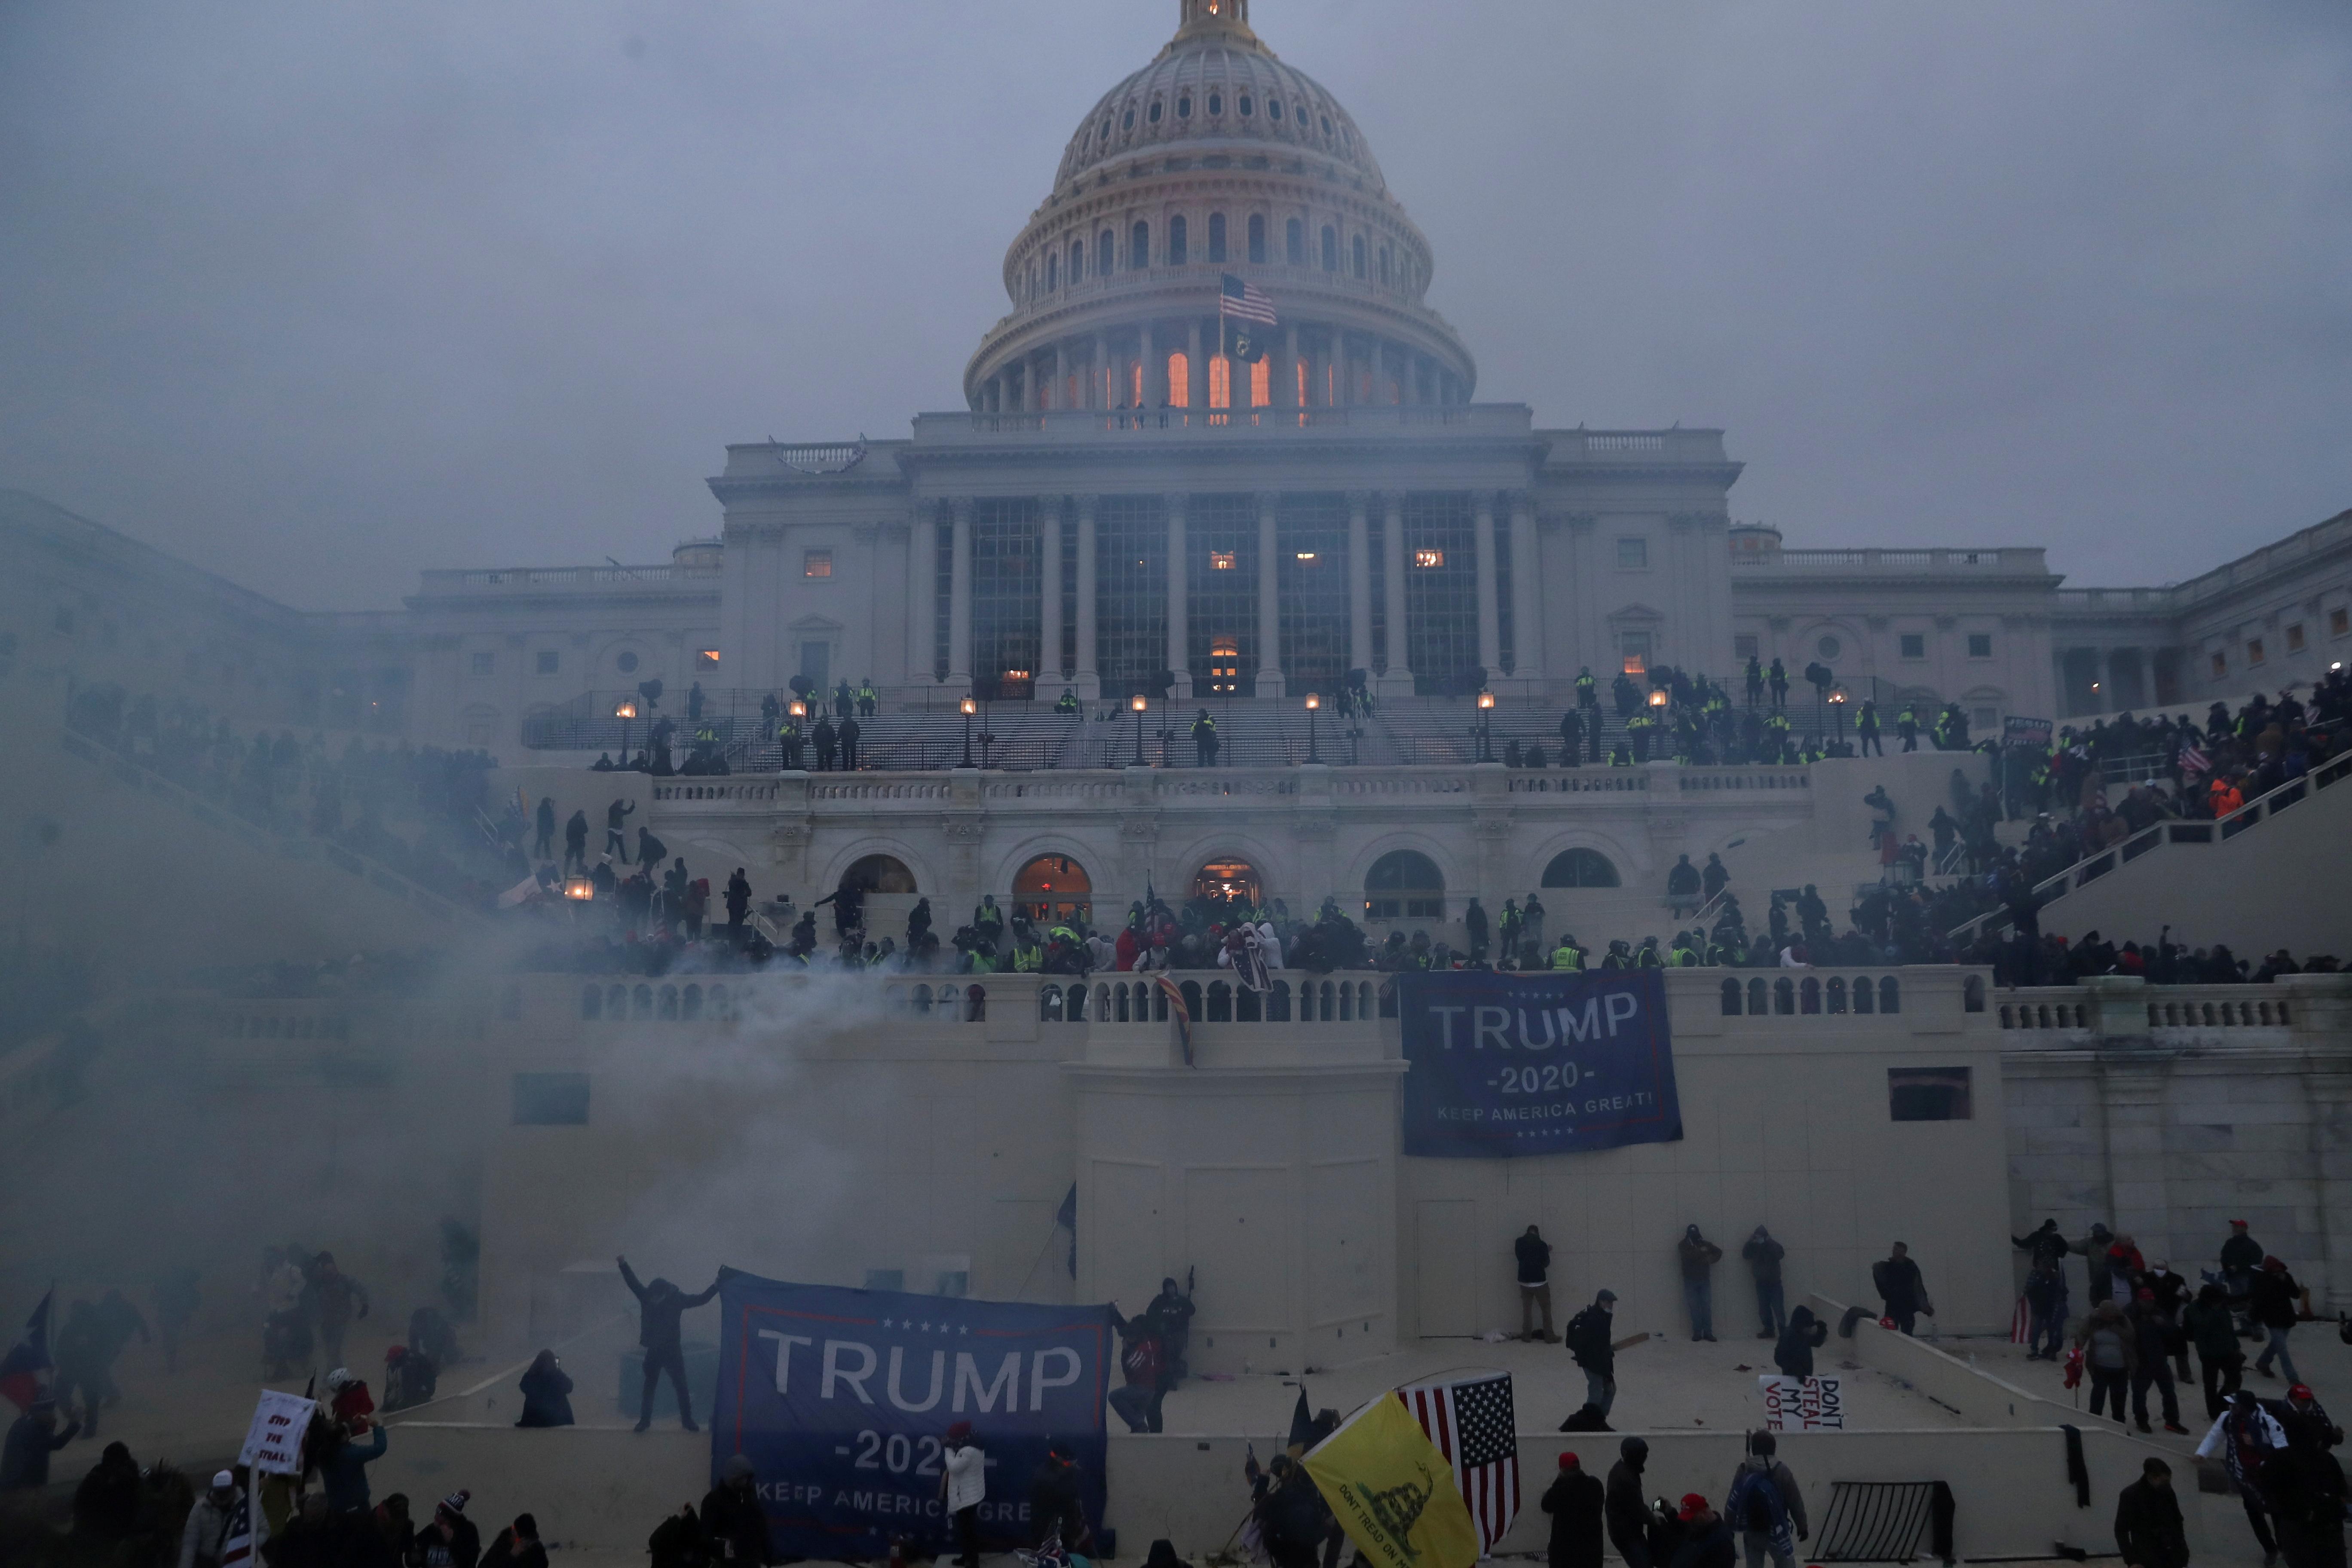 Des policiers montent la garde alors que les partisans du président américain Donald Trump se rassemblent devant le Capitole des États-Unis à Washington, États-Unis, le 6 janvier 2021. REUTERS/Leah Millis TPX IMAGES DU JOUR - RC2M2L9MWY3E